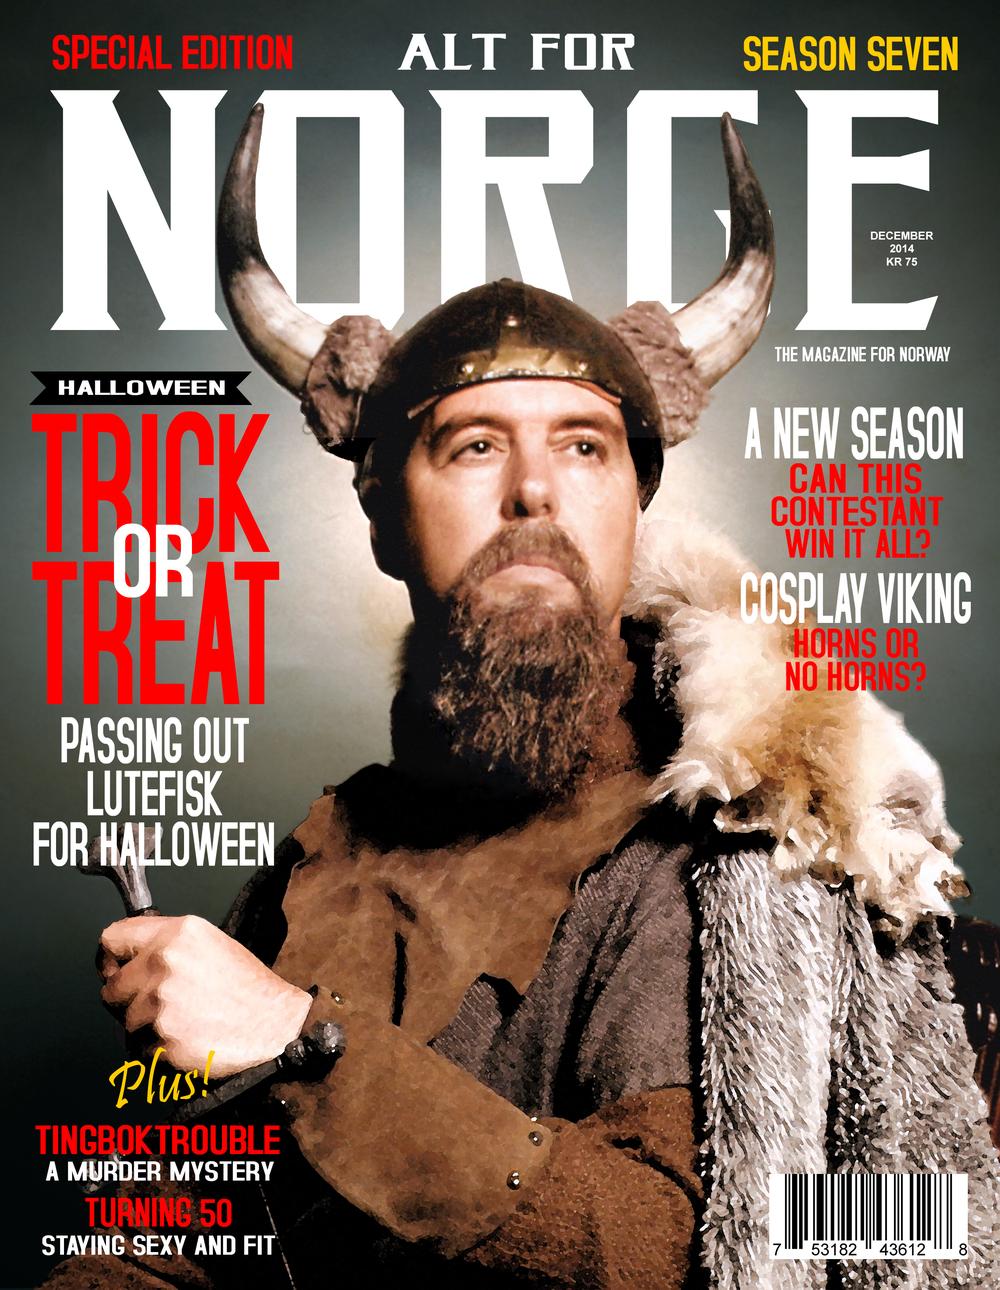 alt for norge meme viking dean hostager norskarv alt for norge